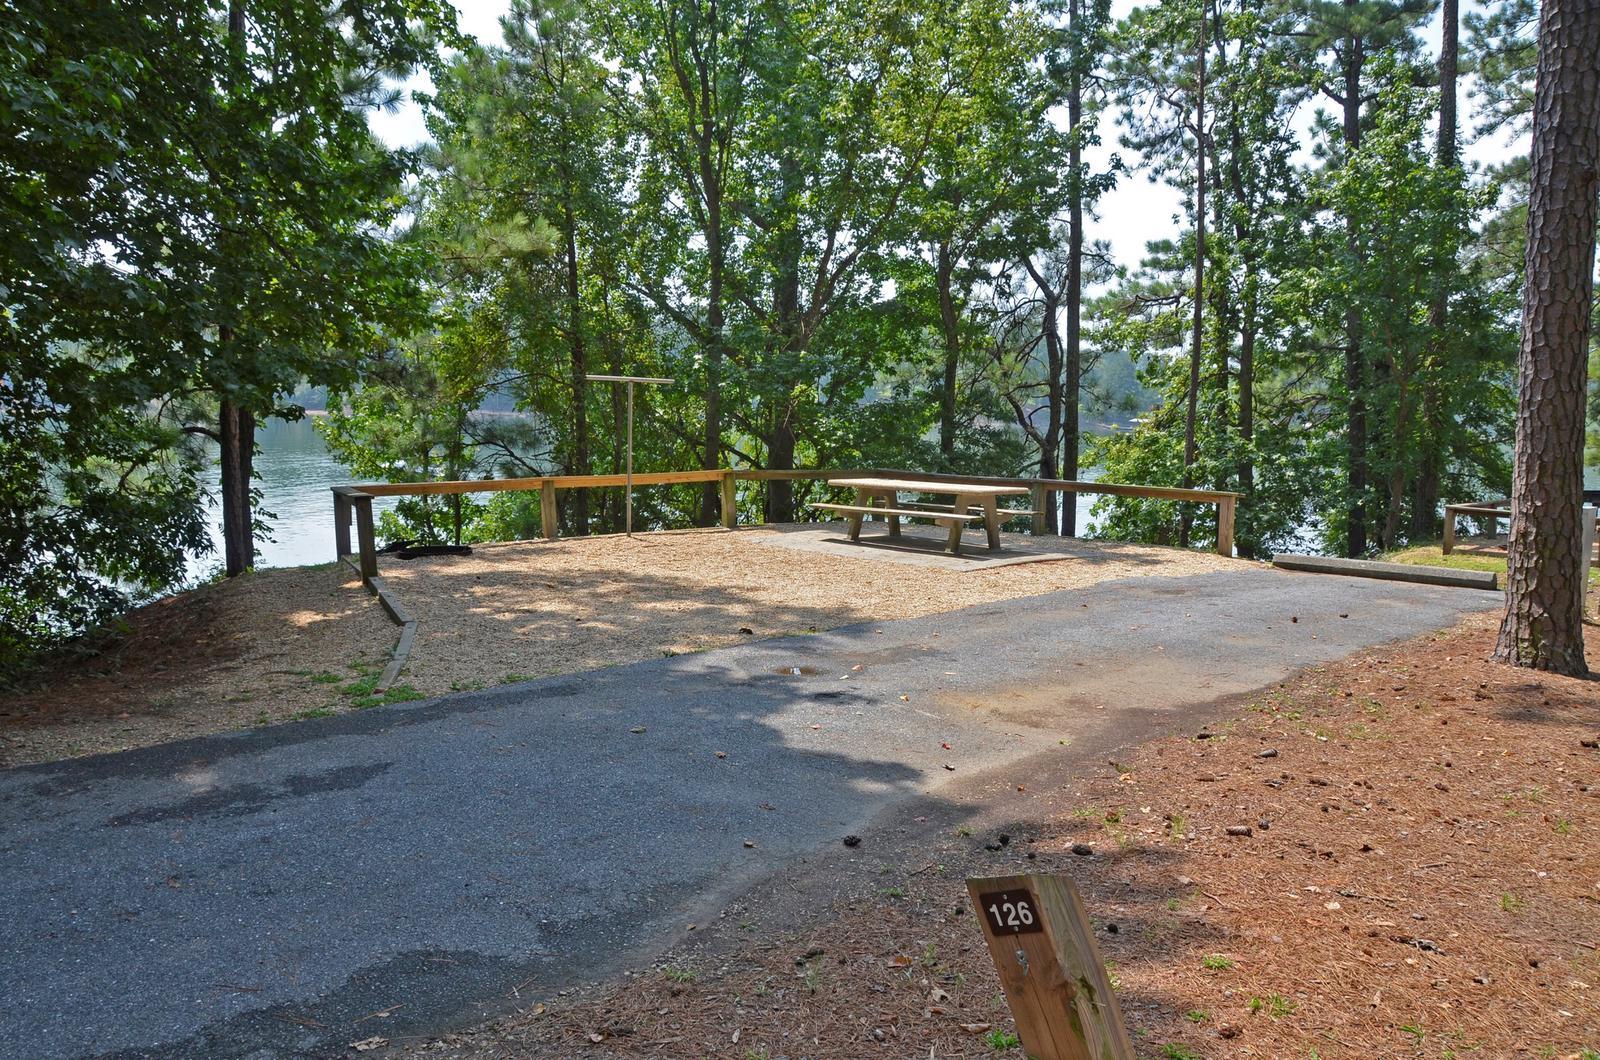 McKinney Campground Site 126